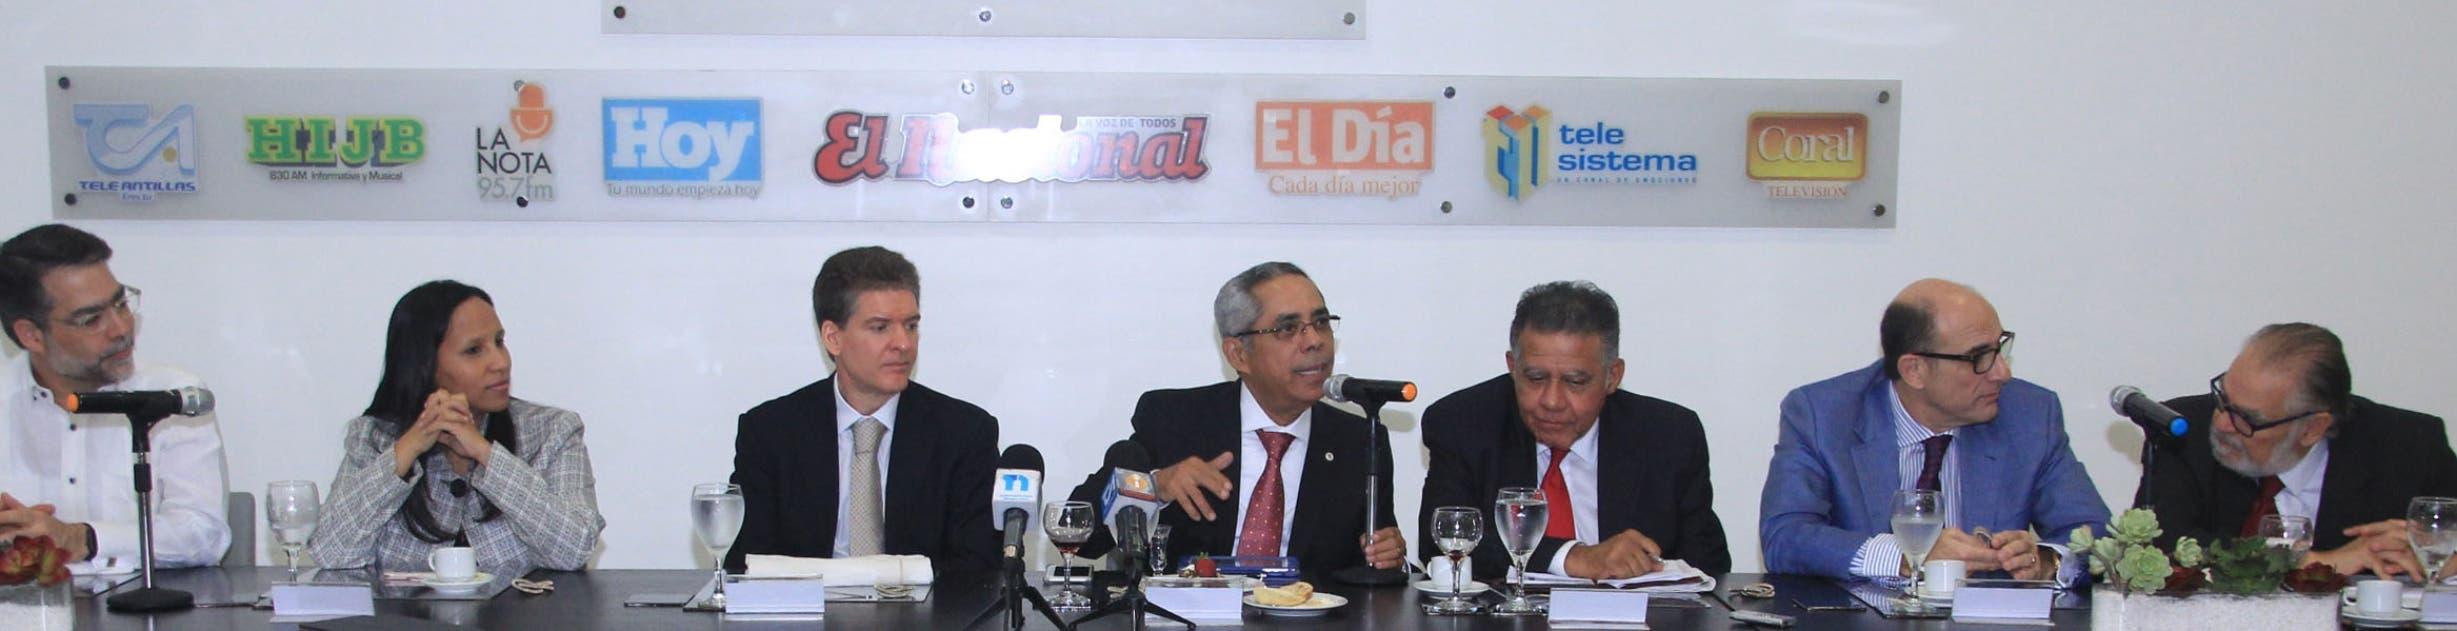 Ernesto Selman, Jacqueline Mora, José Alfredo Corripio, Pedro Silverio Álvarez, el periodista Juan Bolívar Díaz, José Luis de Ramón y Miguel Ceara Hatton durante el almuerzo del Grupo Corripio.